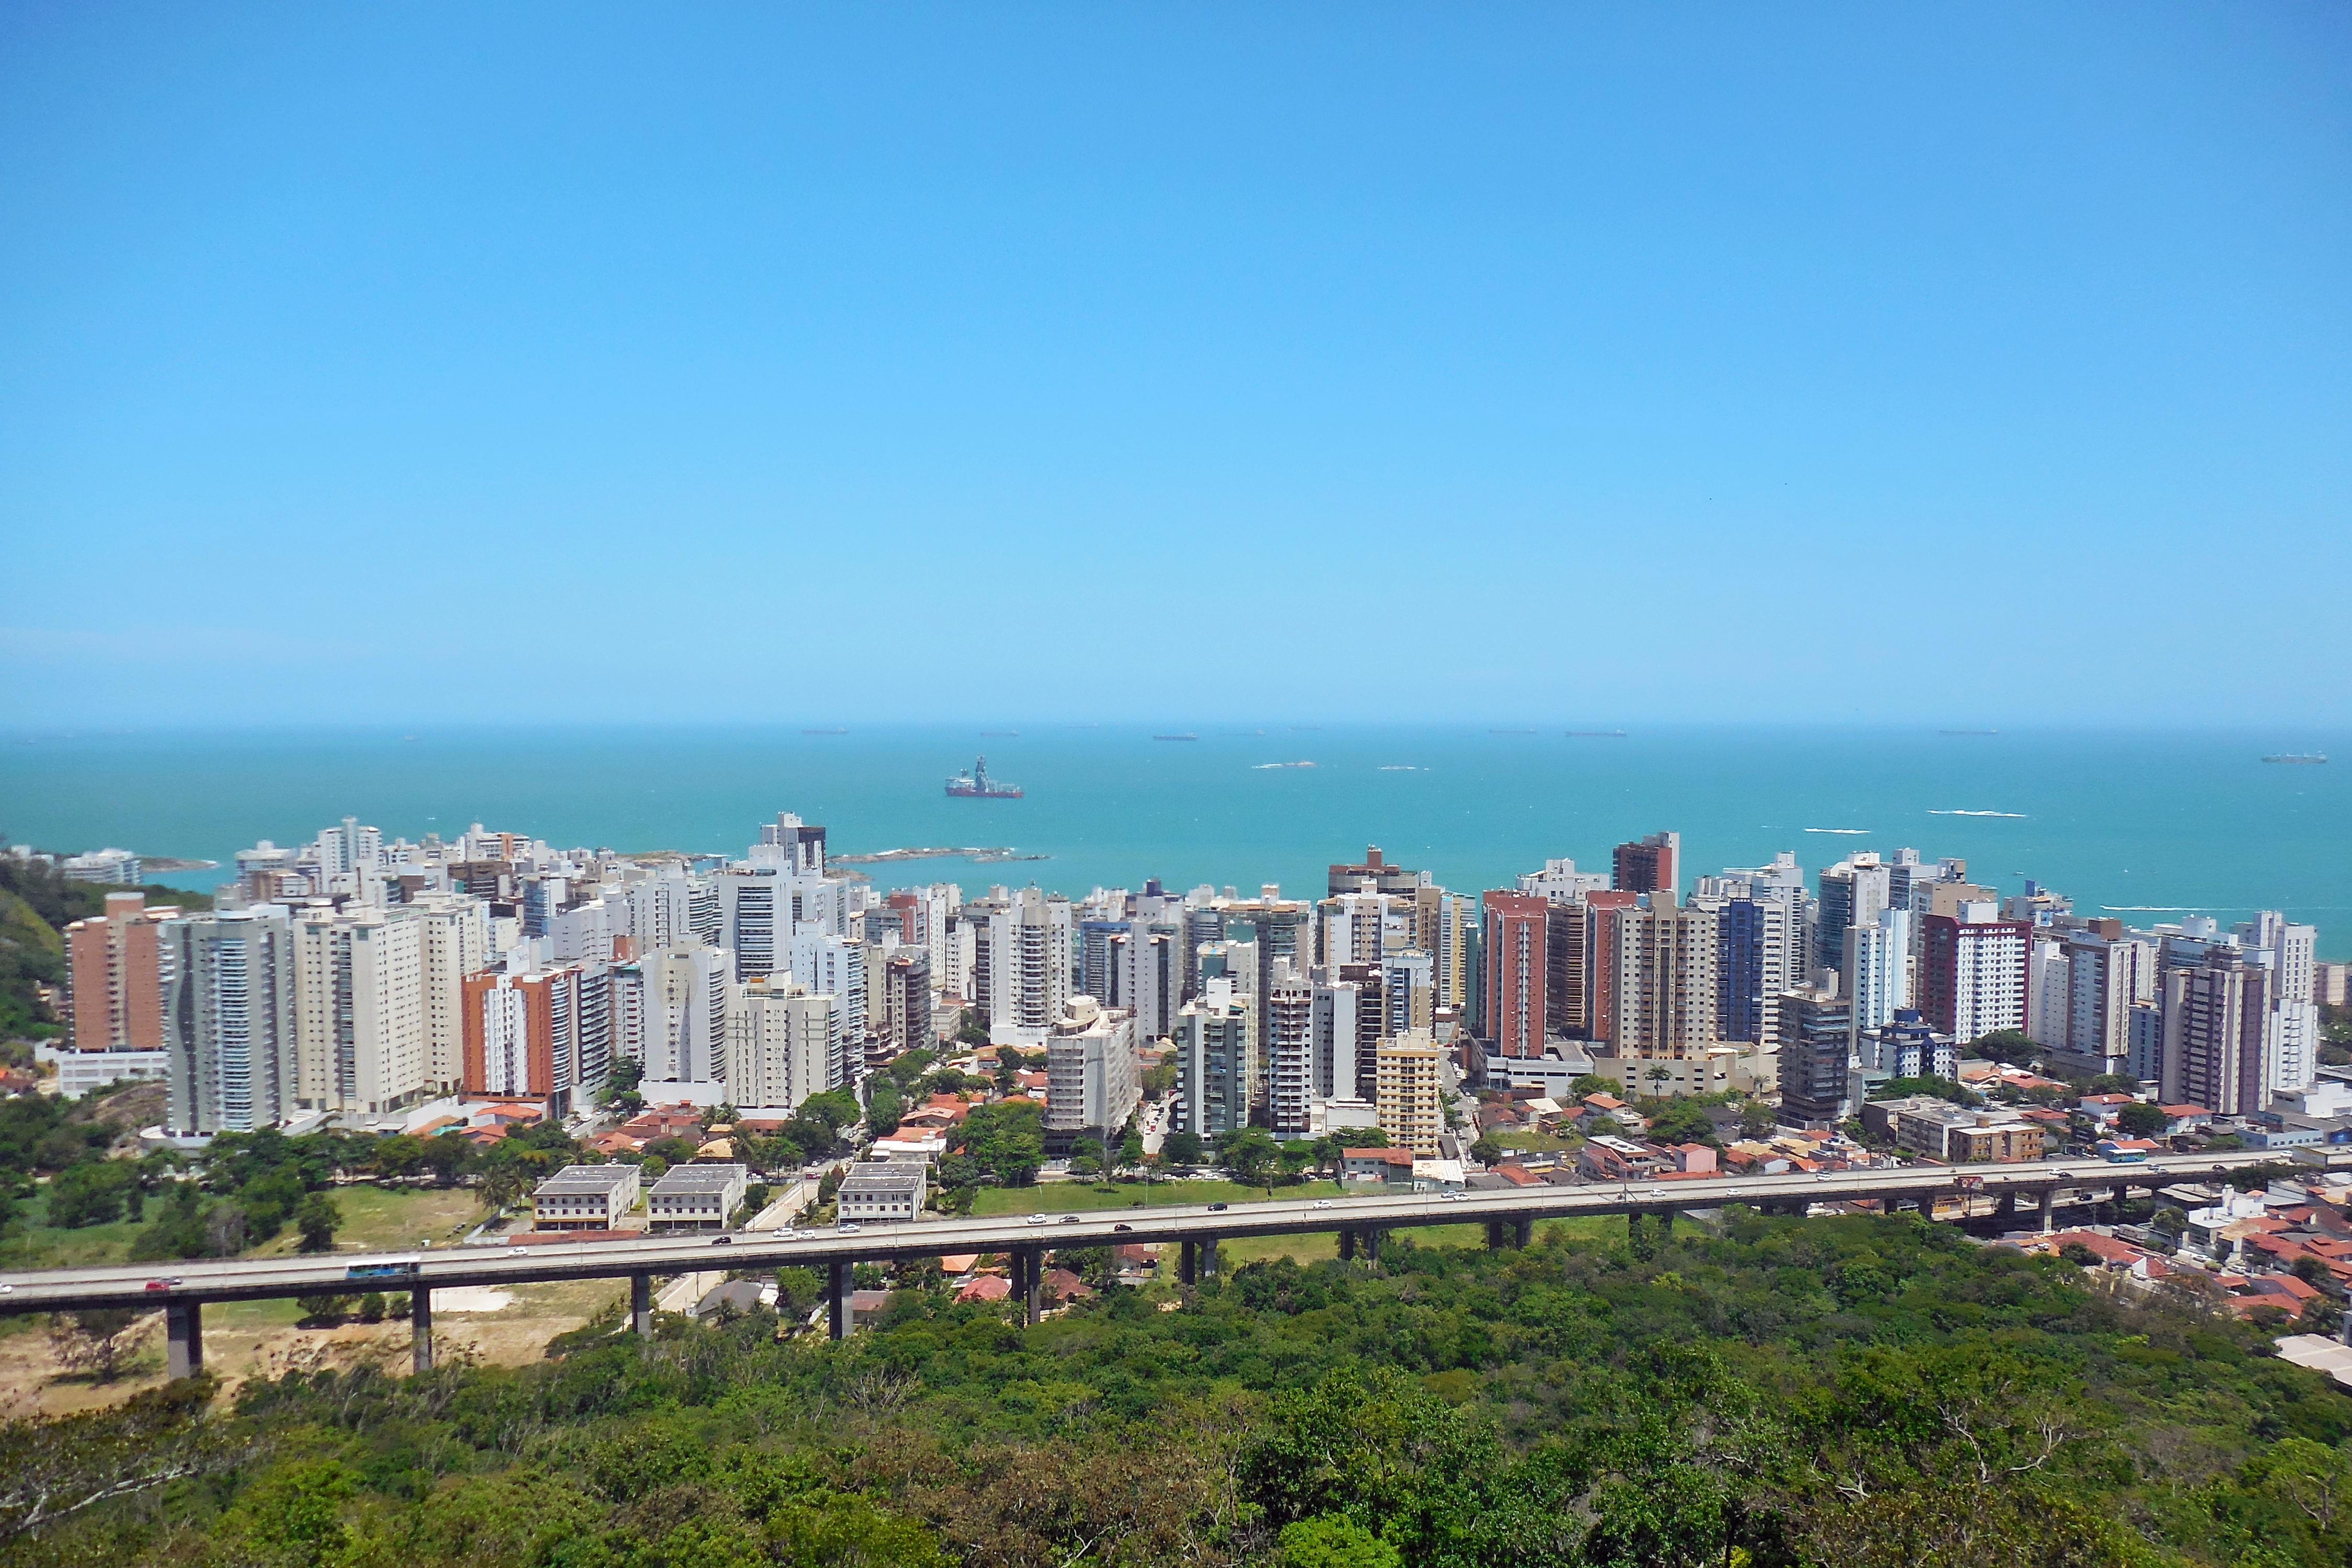 image Karina praia da costa vila velha brazil